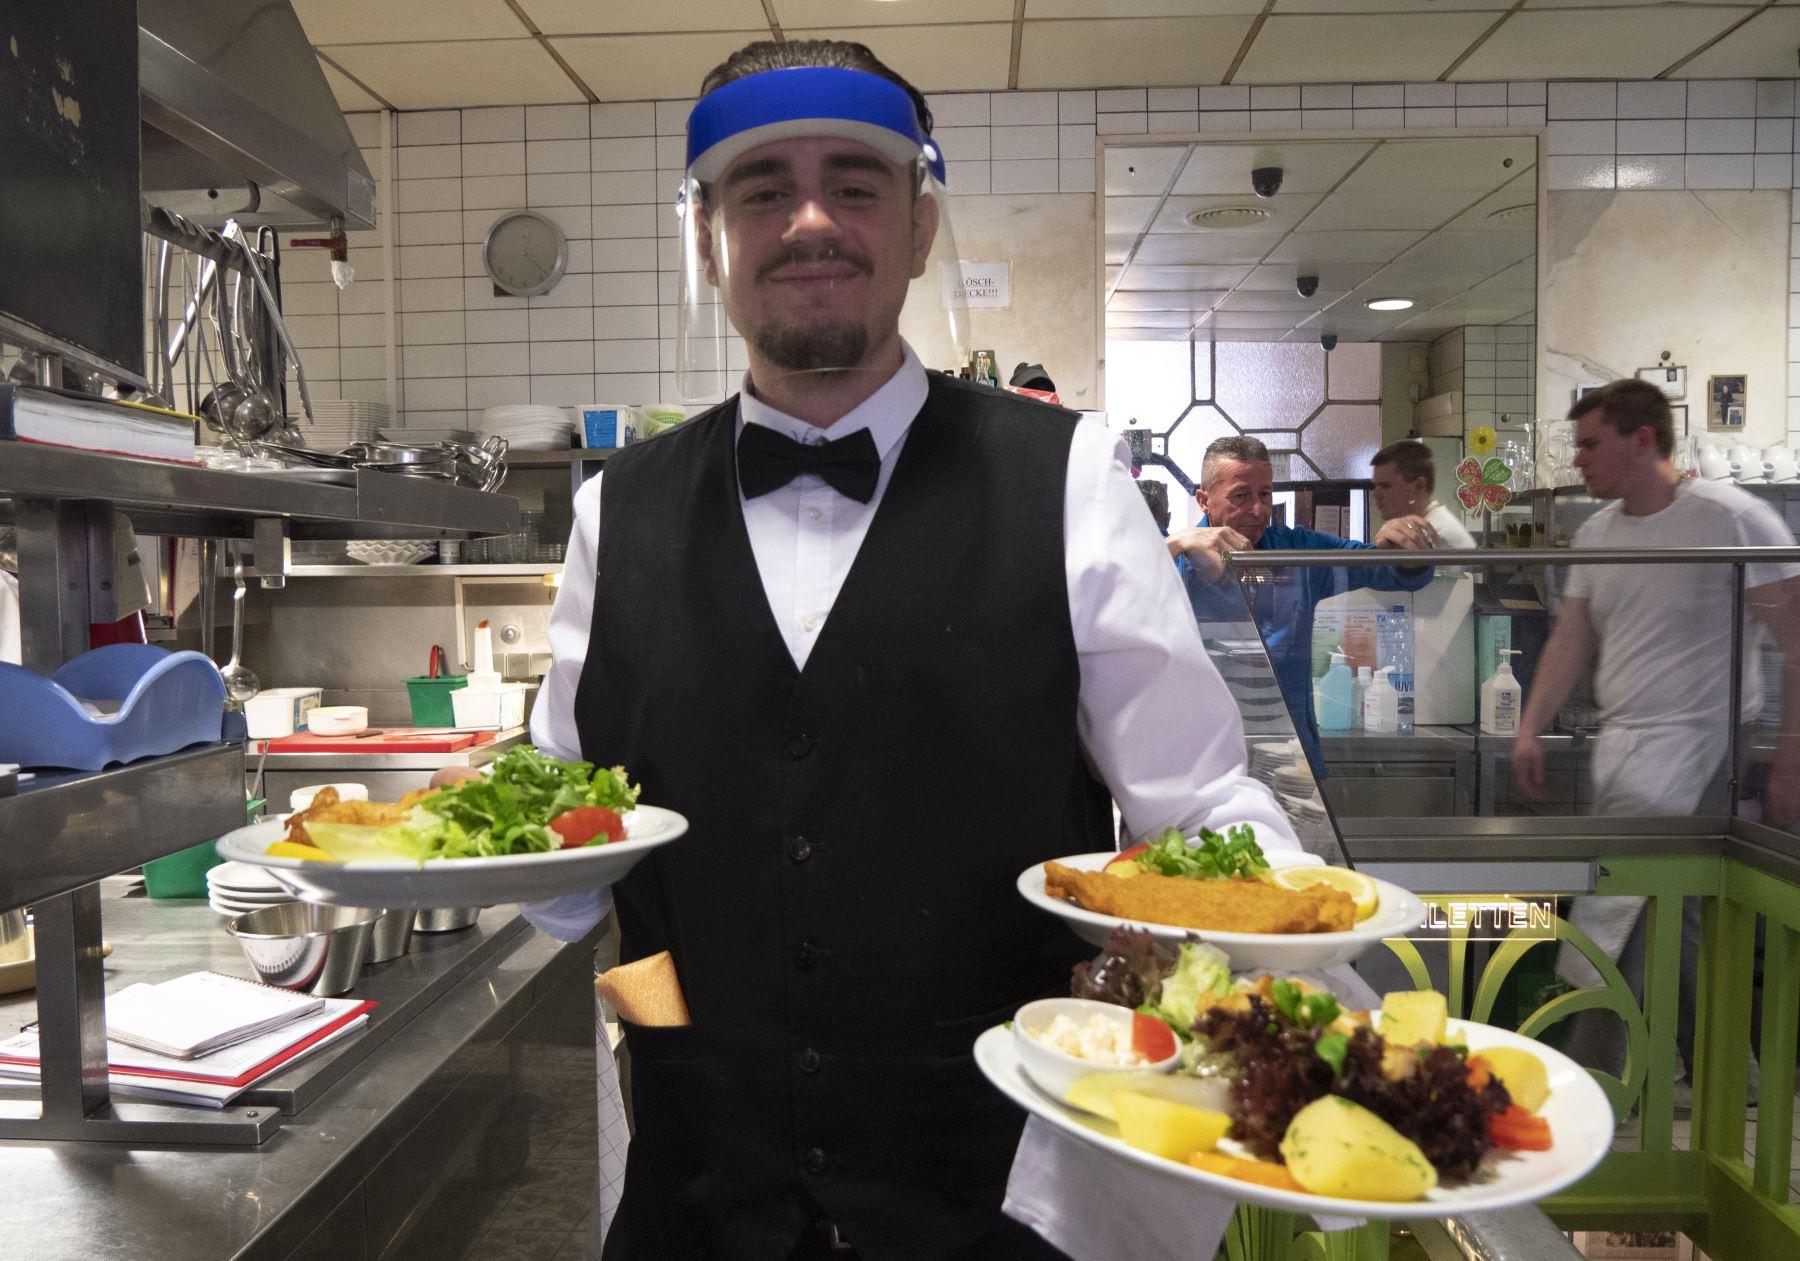 Un camarero usa un protector facial mientras atiende a los clientes en el Café Prueckel en Viena, Austria. Foto: AFP